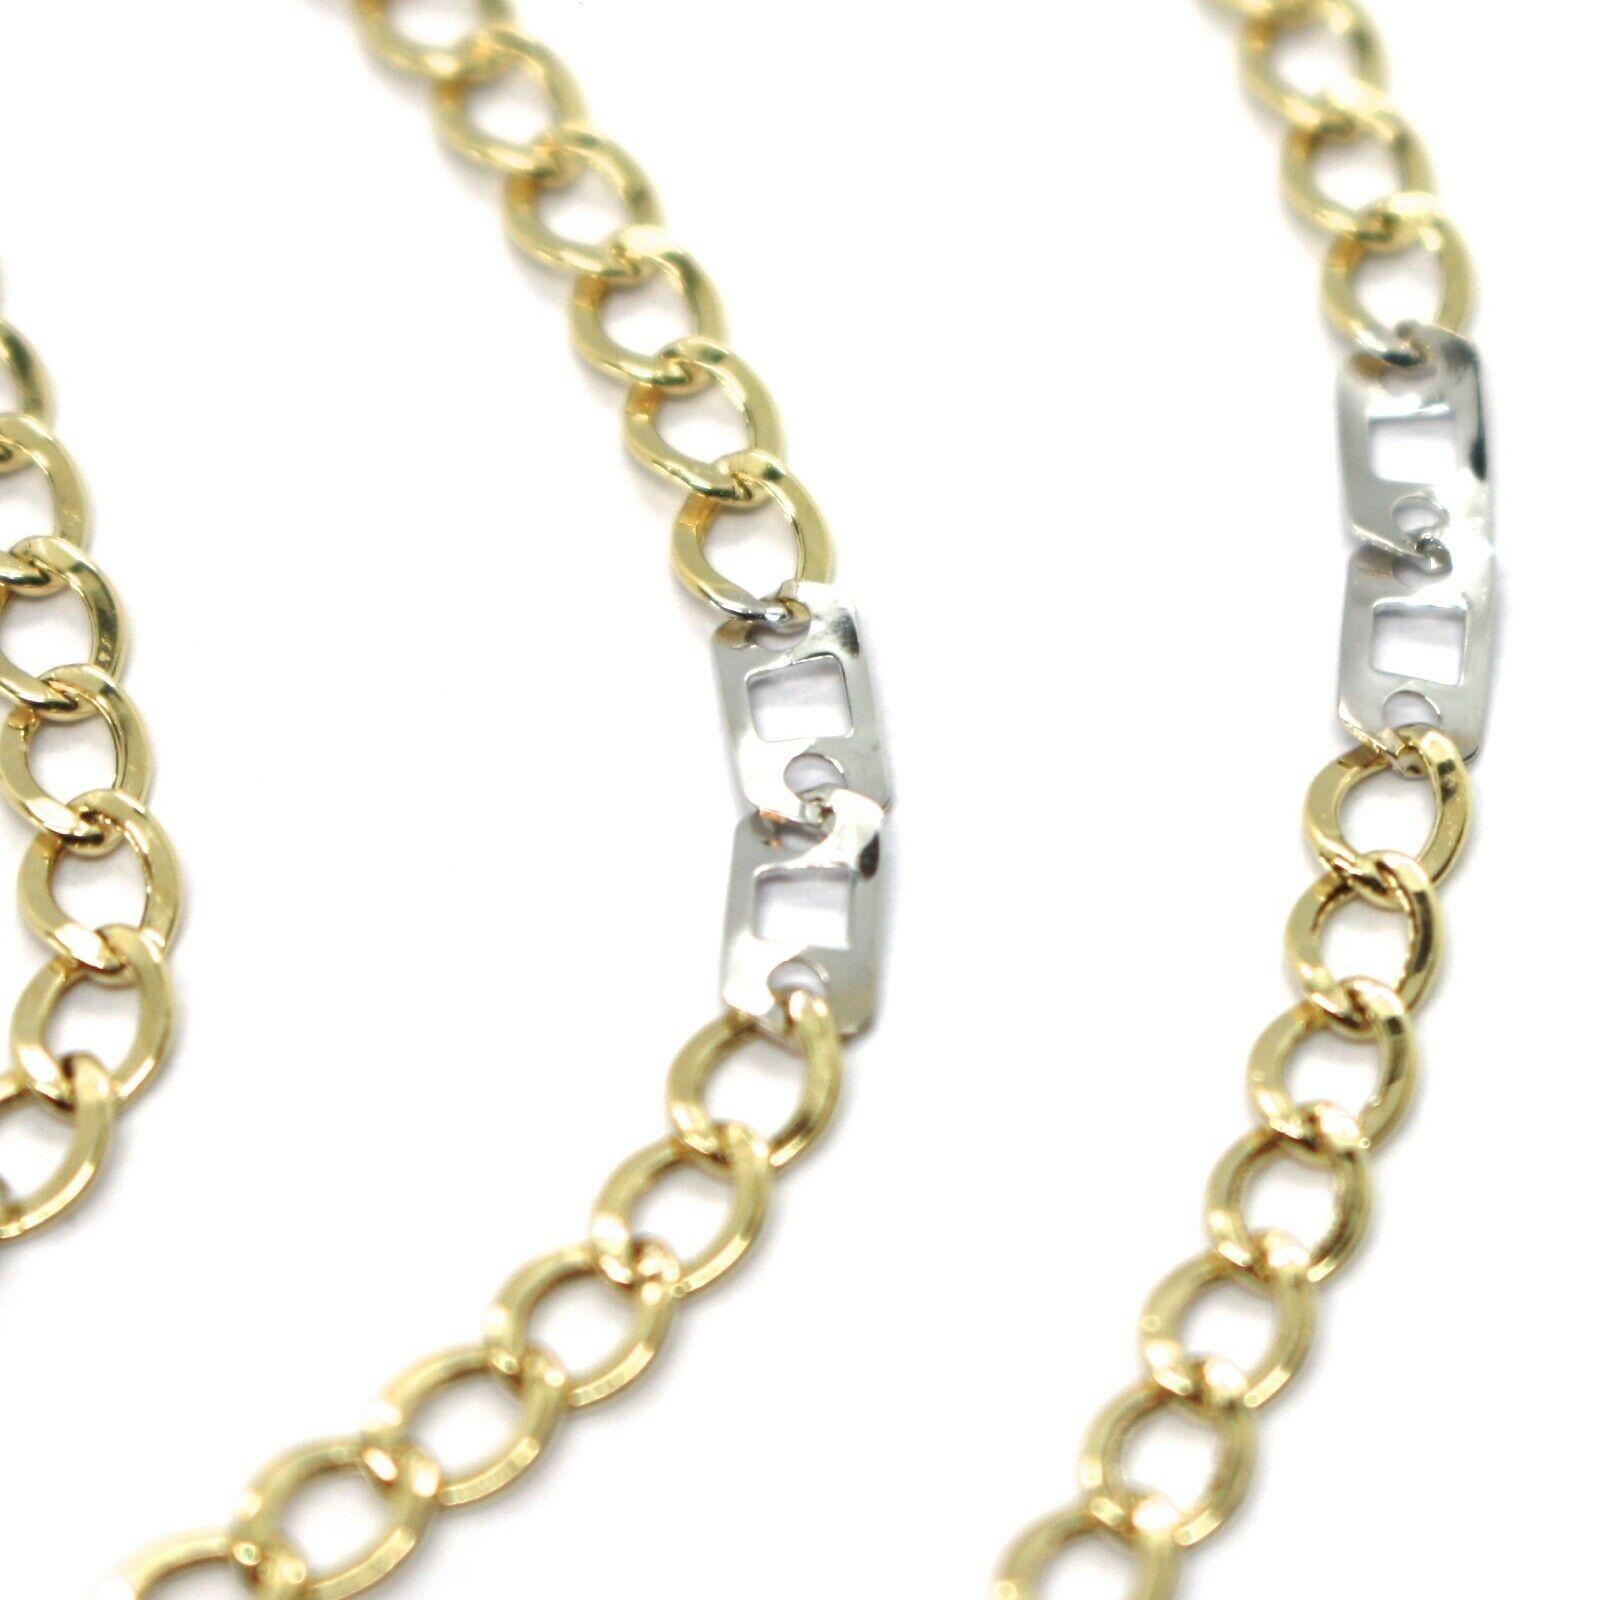 Cadena Oro Amarillo Blanco 750 18K, 50 cm, Groumette Plana y Cuadrado, 3 MM image 3